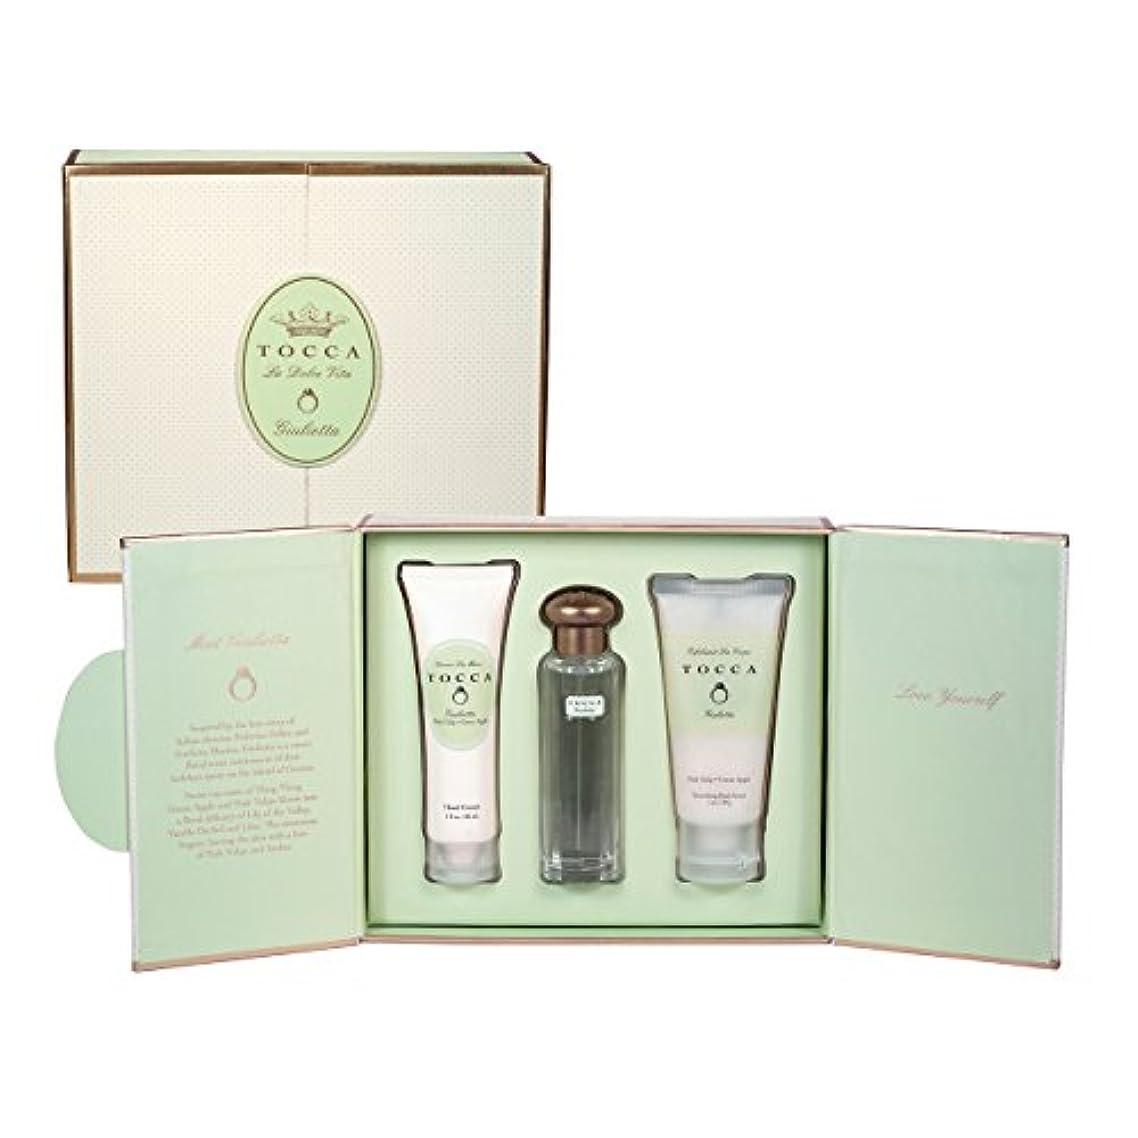 引用収束切り離すトッカ(TOCCA) ドルチェヴィータコレクション ジュリエッタの香り (香水20ml、ハンドクリーム30ml、ボディーケアスクラブ30ml)